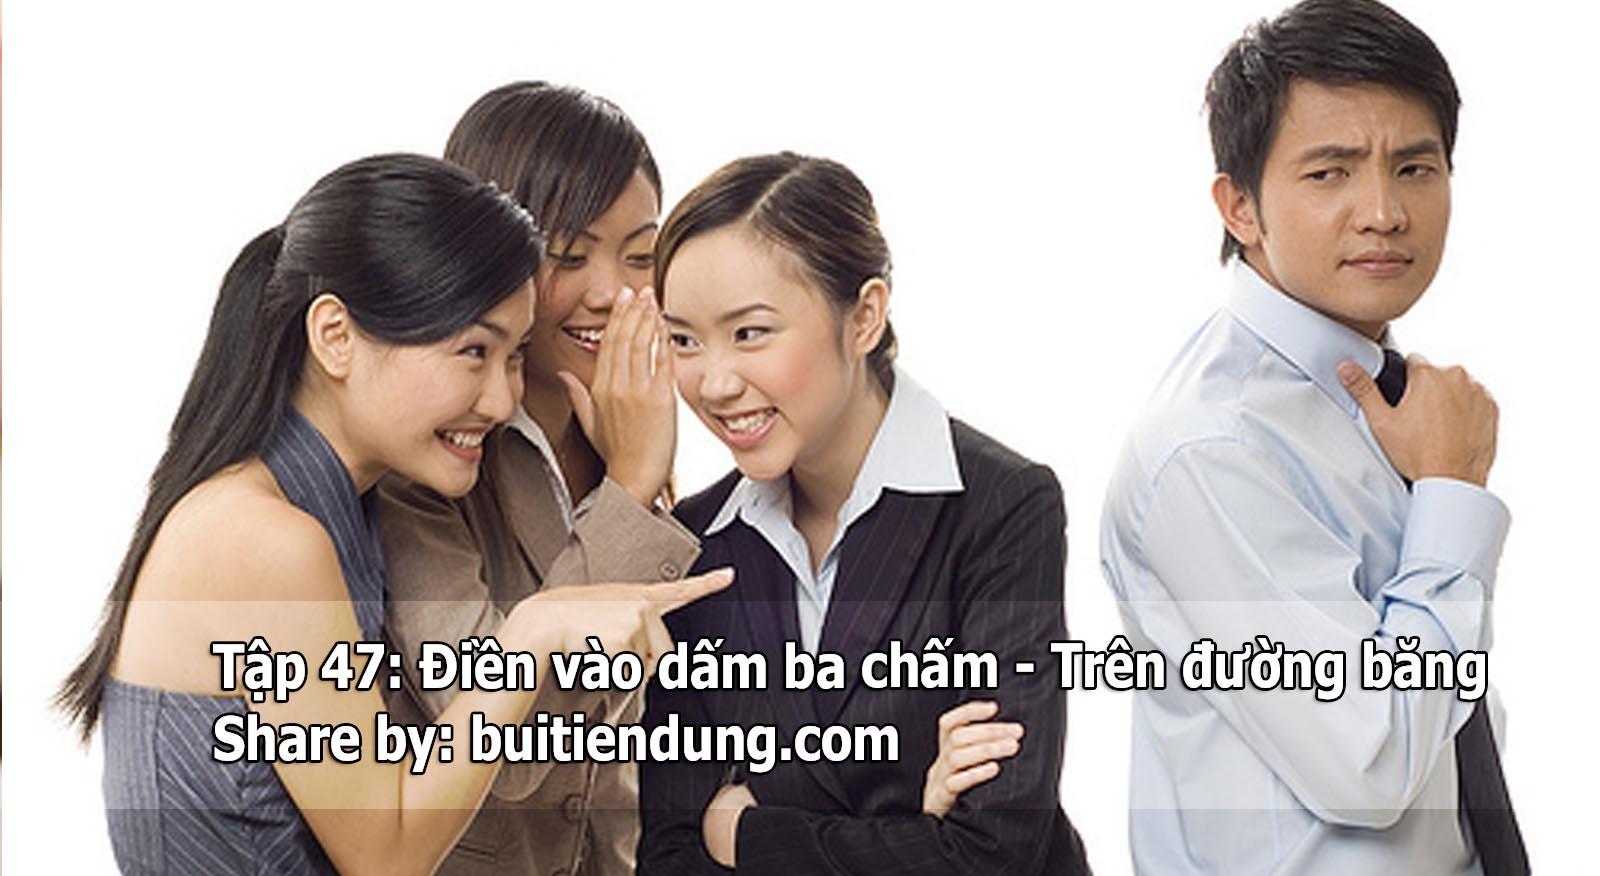 tap-47-dien-vao-dau-ba-cham-tren-duong-bang-tony-buoi-sang